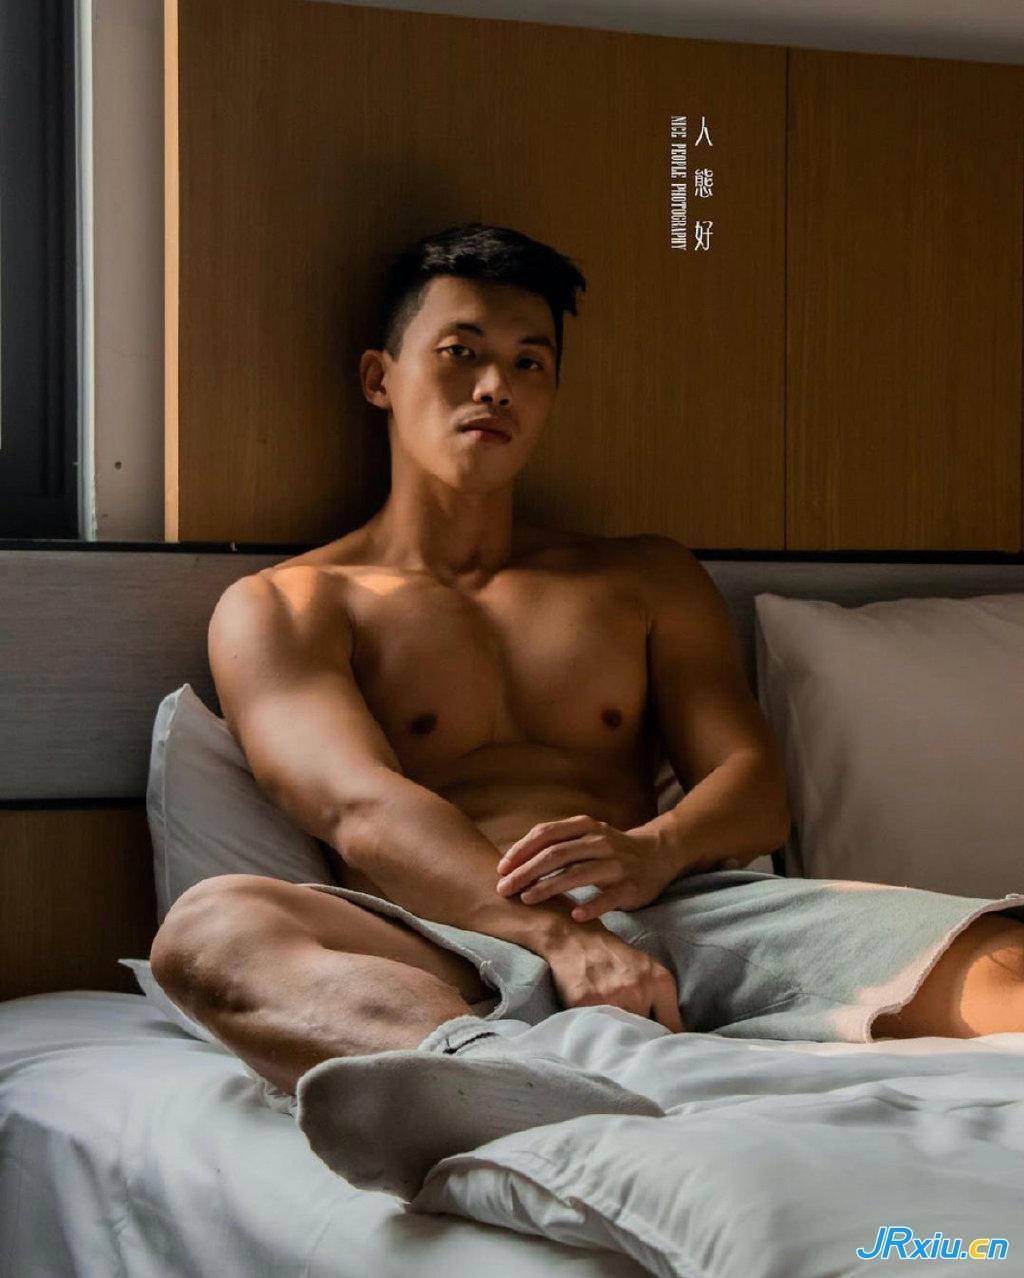 中国台湾健身帅哥男模Oskakarot内裤写真